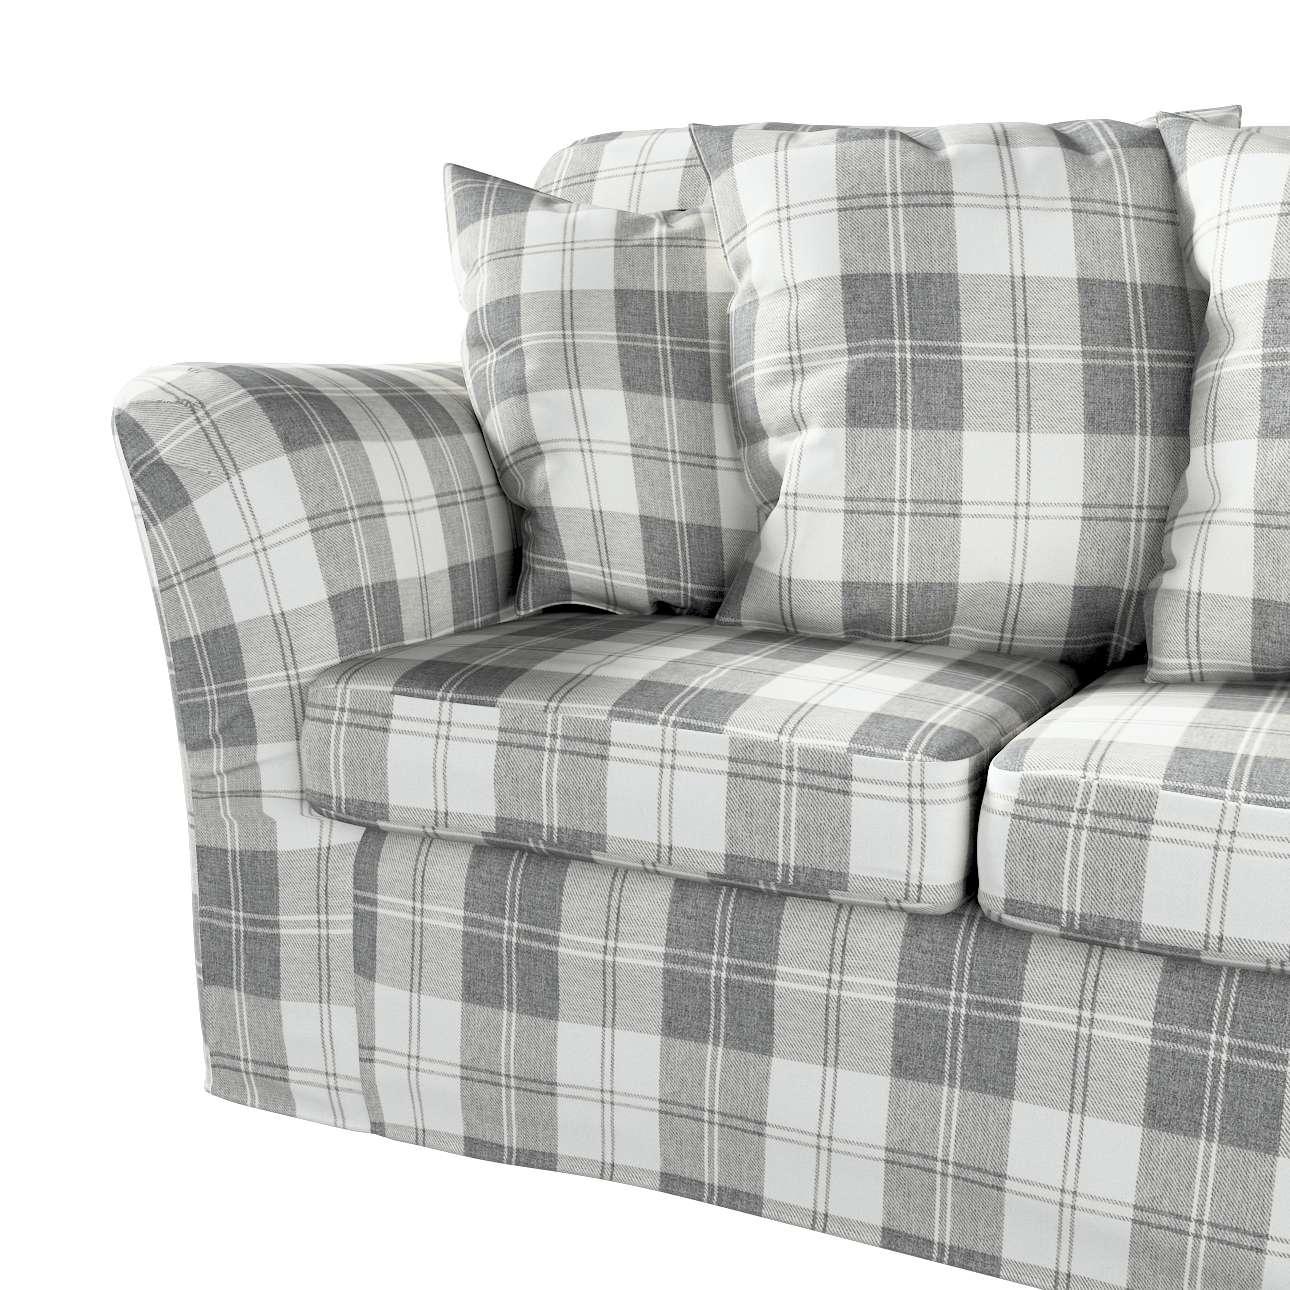 Pokrowiec na sofę Tomelilla 3-osobową nierozkładaną w kolekcji Edinburgh, tkanina: 115-79